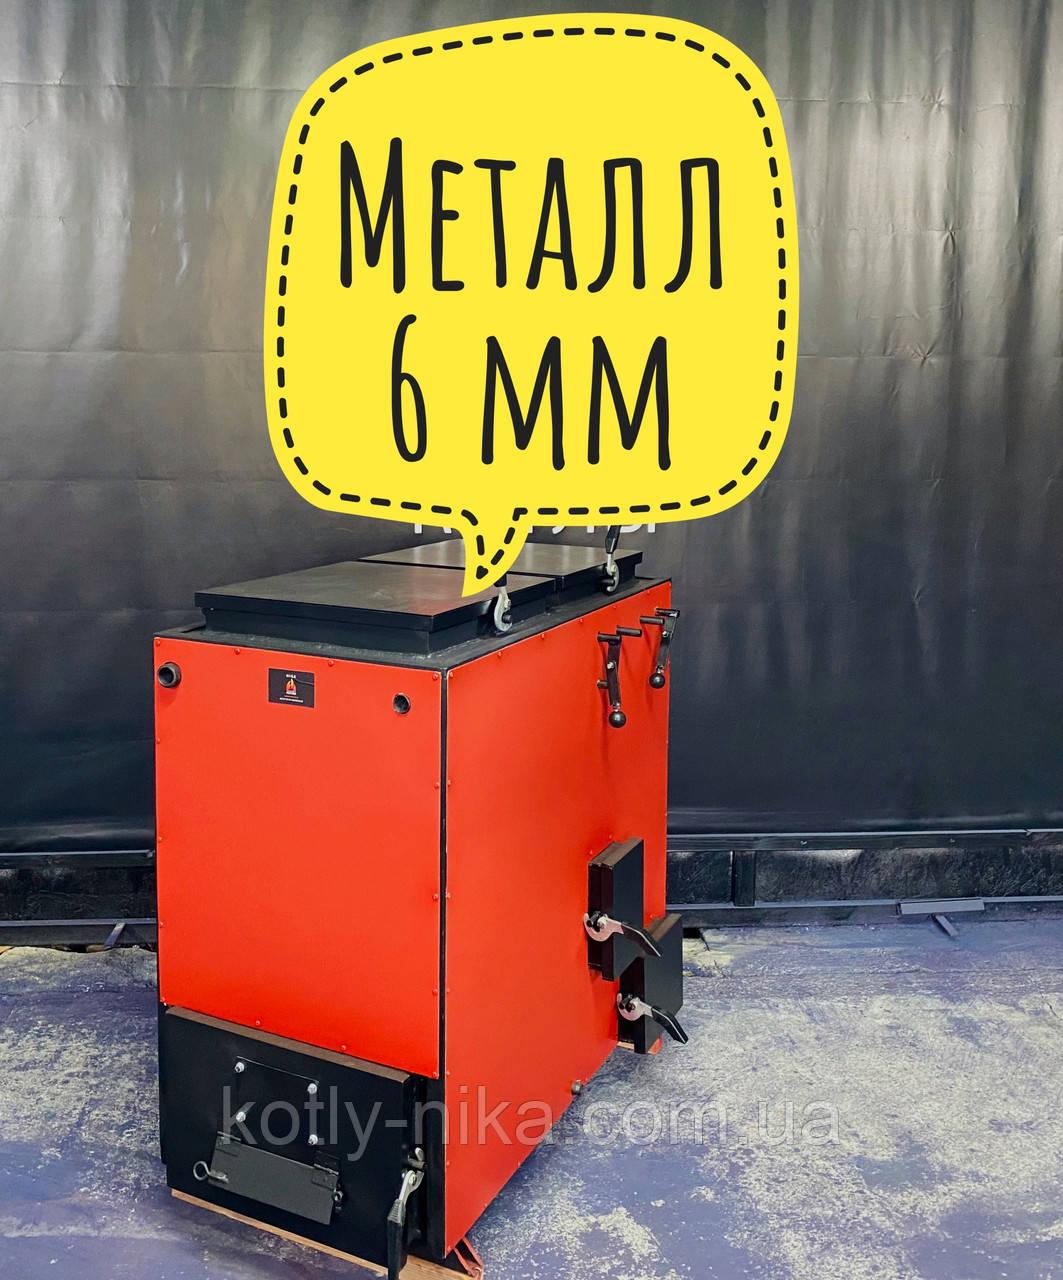 Котел Холмова Пітон 8 кВт з регулюванням потужності МЕТАЛ 6 мм